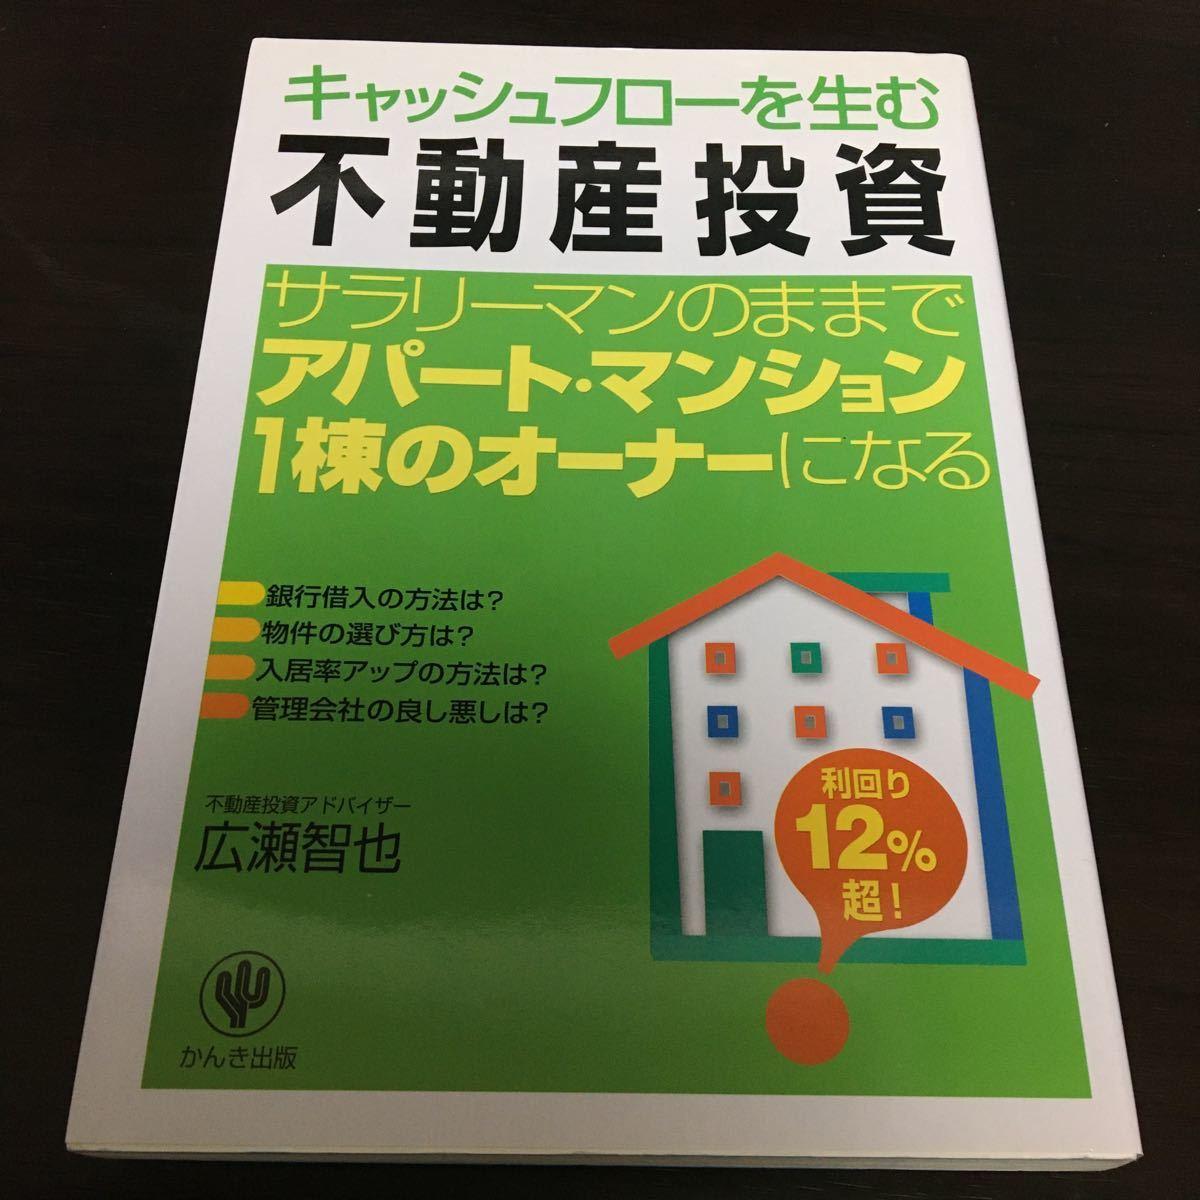 キャッシュフローを生む不動産投資 サラリーマンのままでアパートマンション1棟オーナーになる/広瀬智也 (著者)